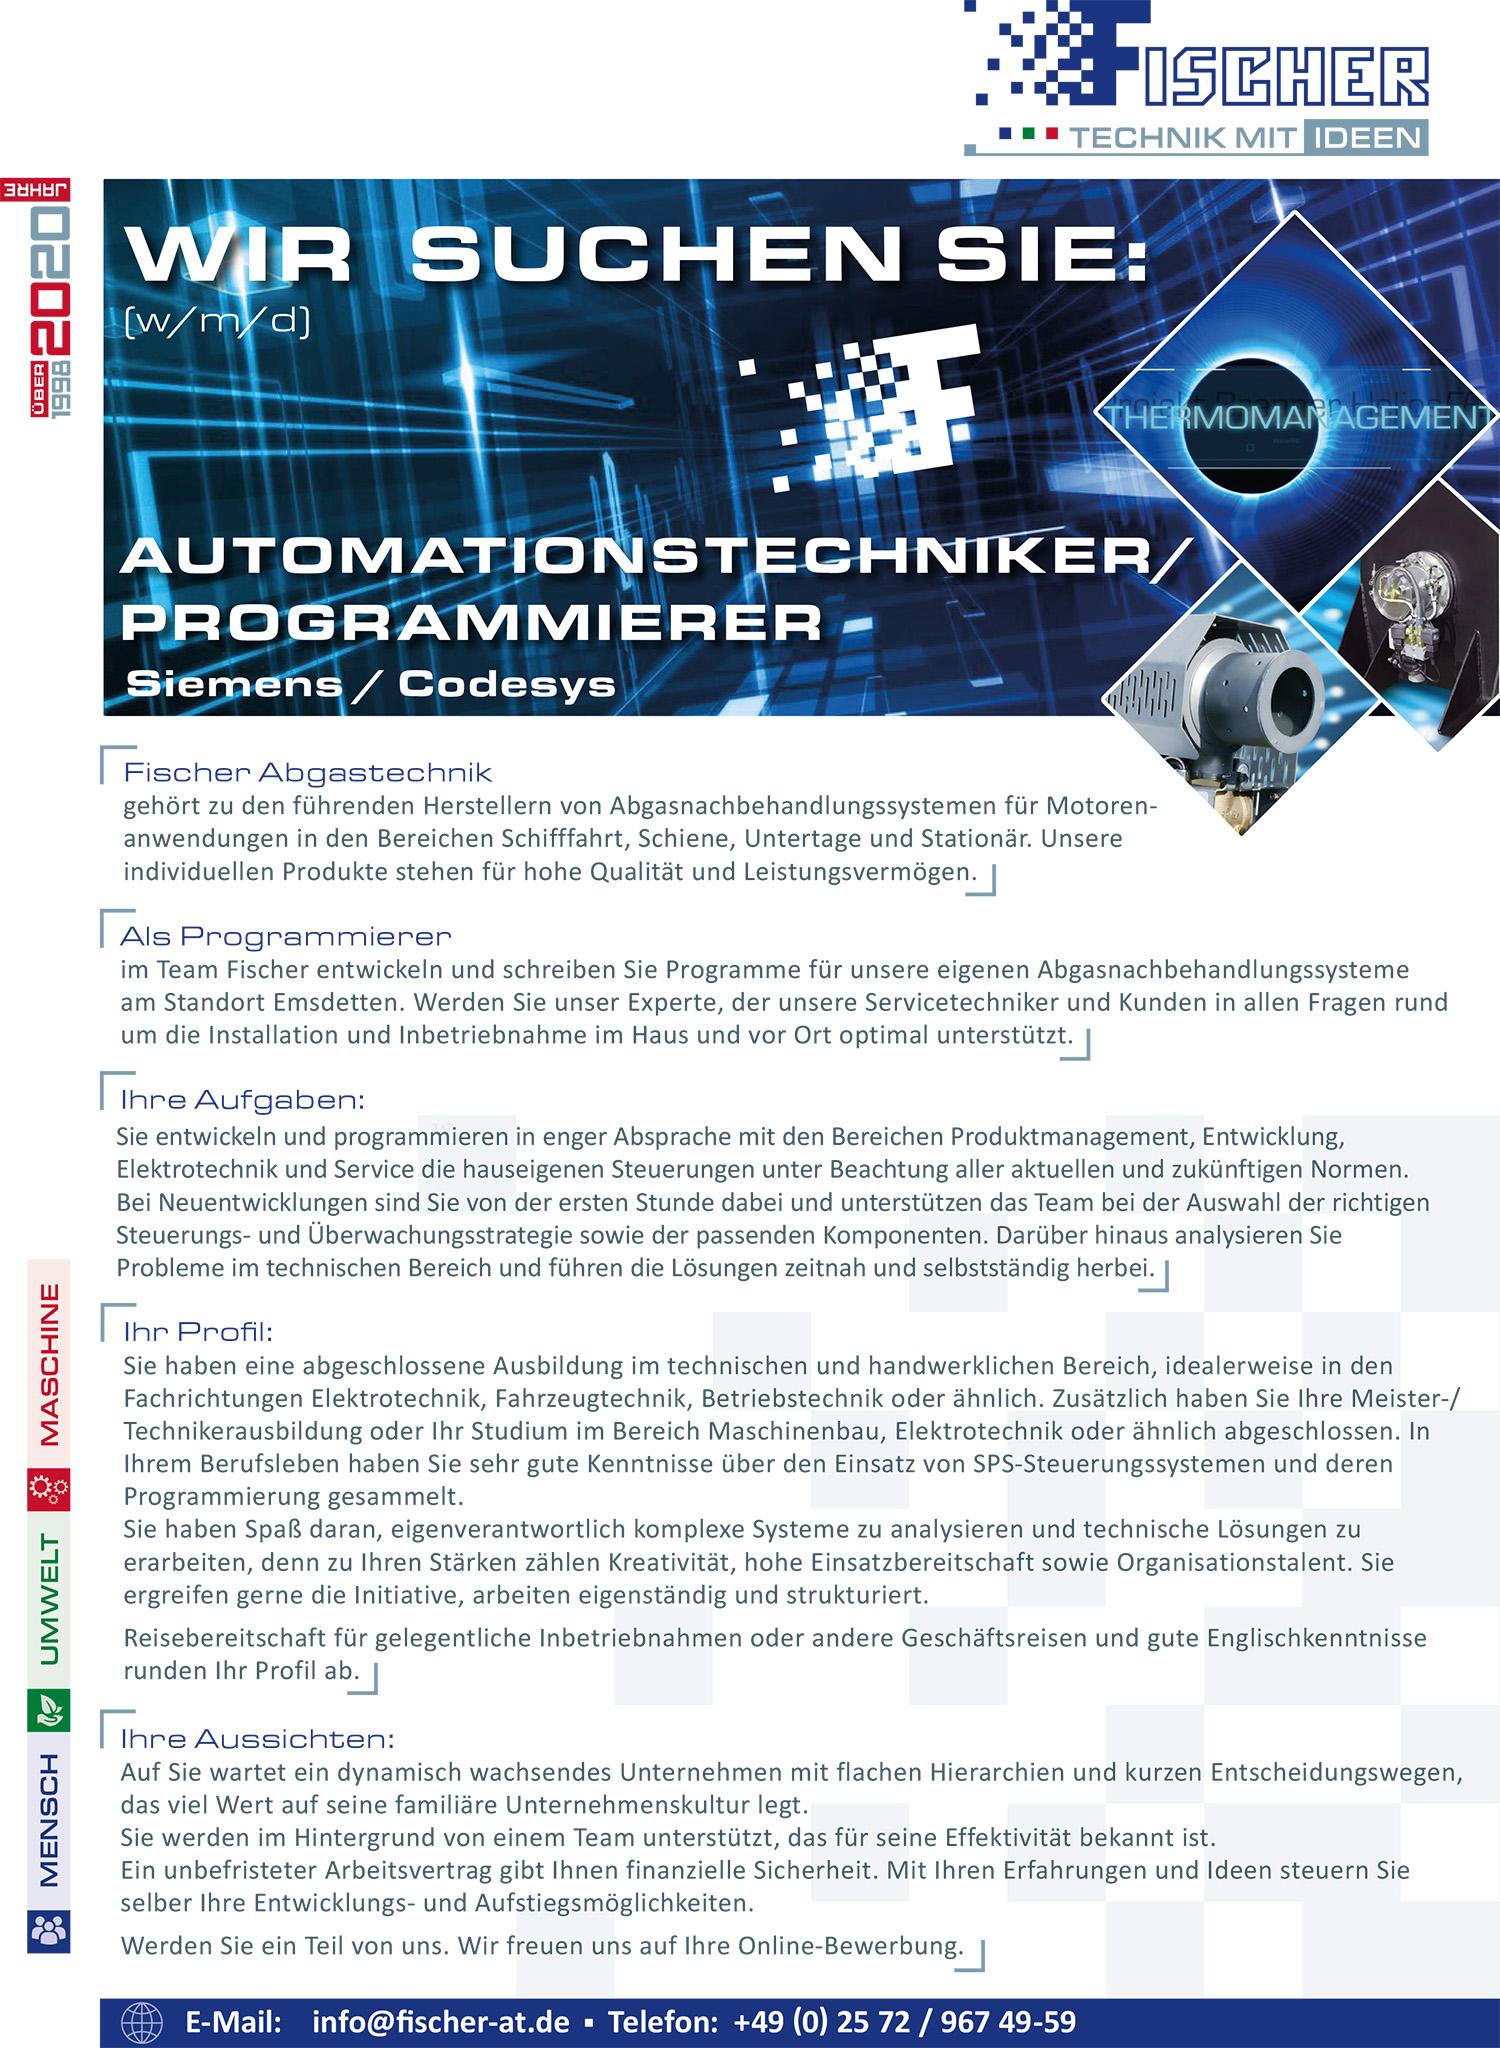 Automationstechniker und Programmierer